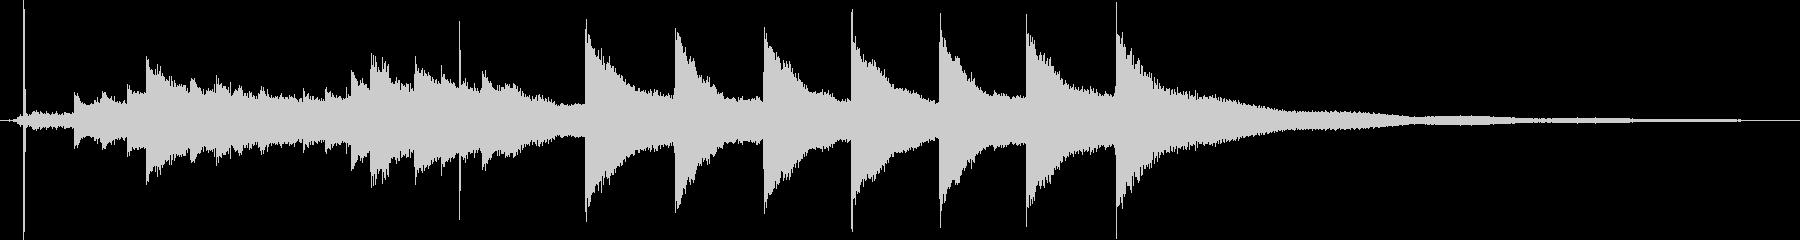 マントルチャイムクロック:スモール...の未再生の波形